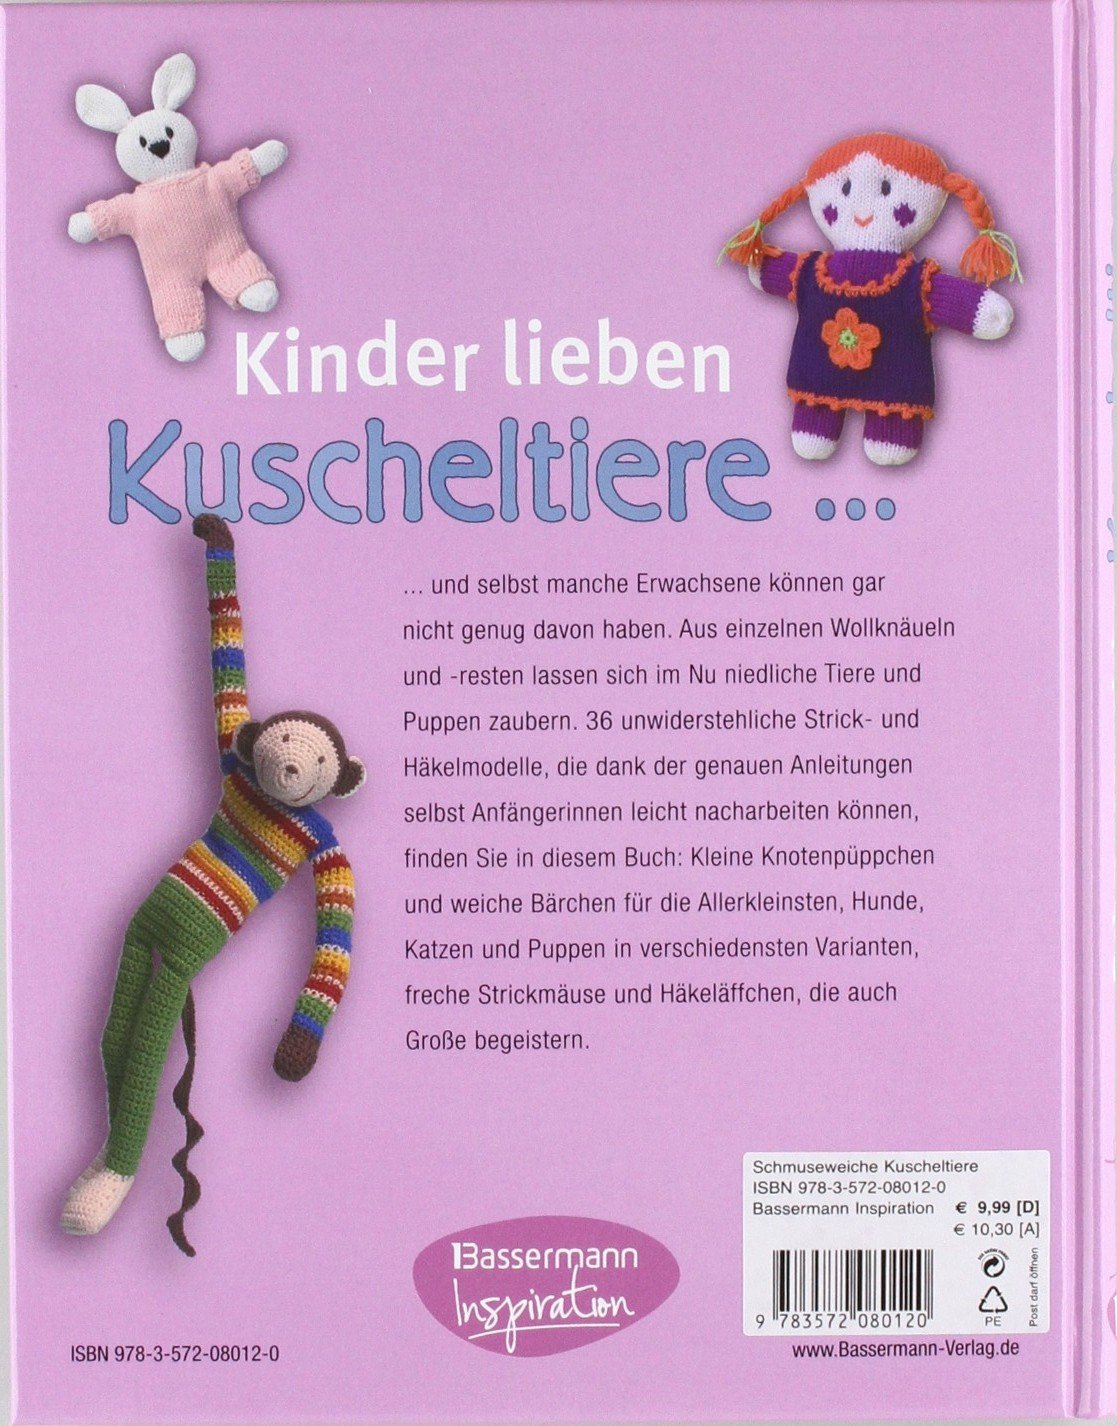 Schmuseweiche Kuscheltiere Und Lieblingspuppen Bezaubernde Figuren